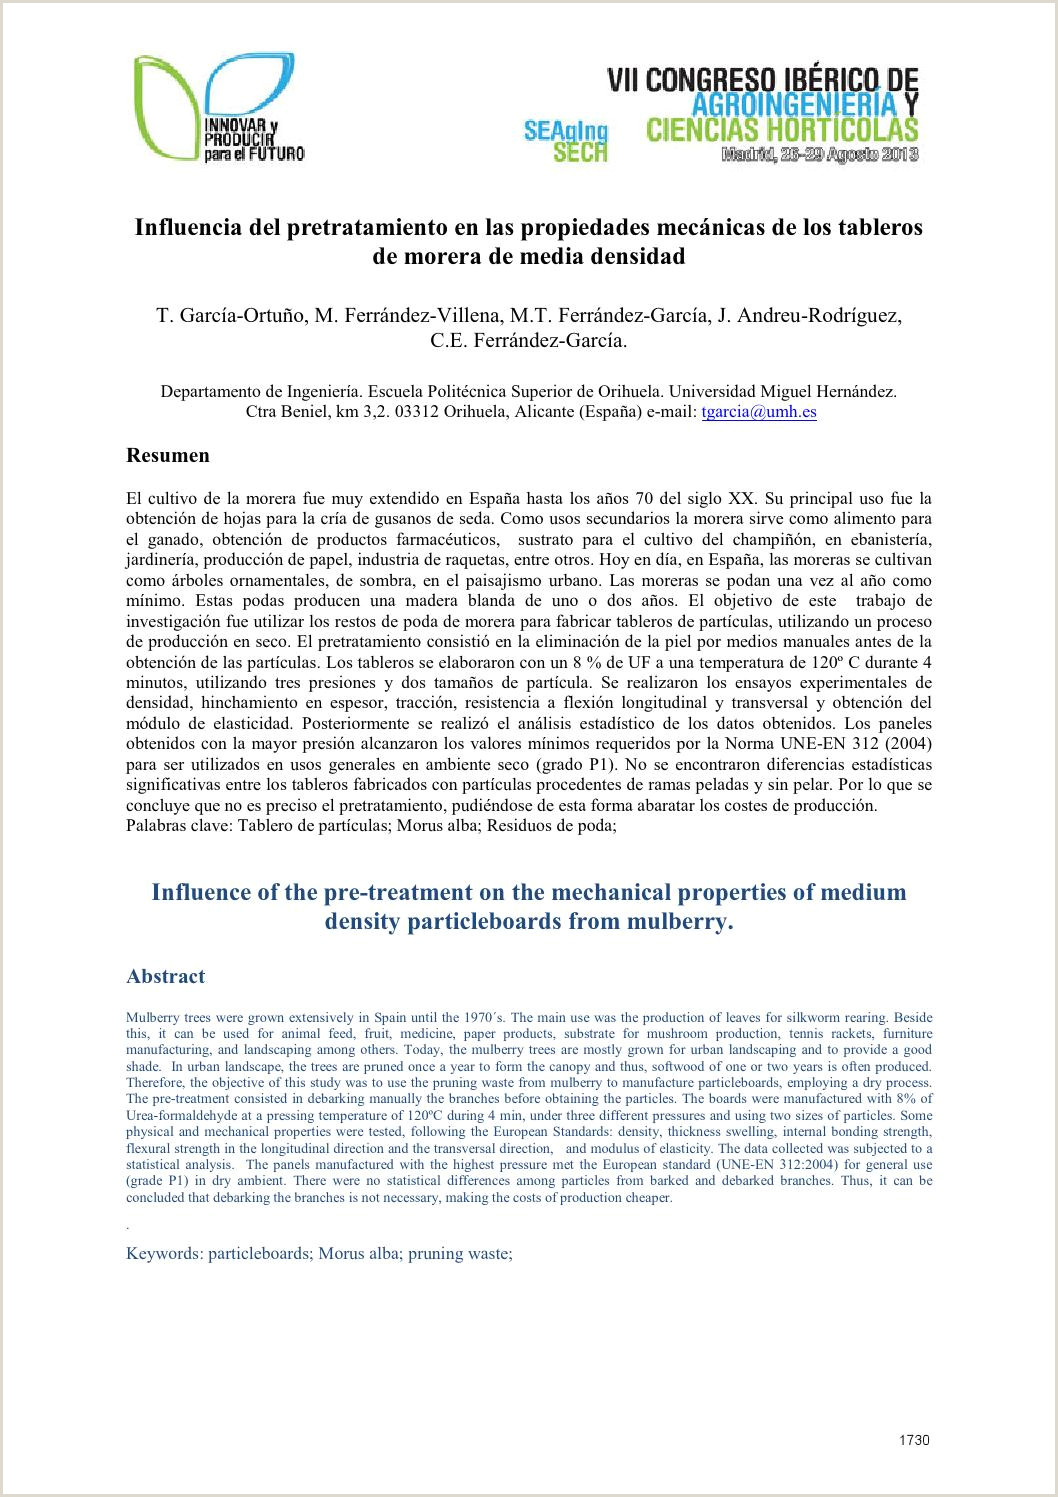 Formato Hoja De Vida En Colombia Libro Actas Vii Congreso Ibérico Agroingeniera Y Ciencias